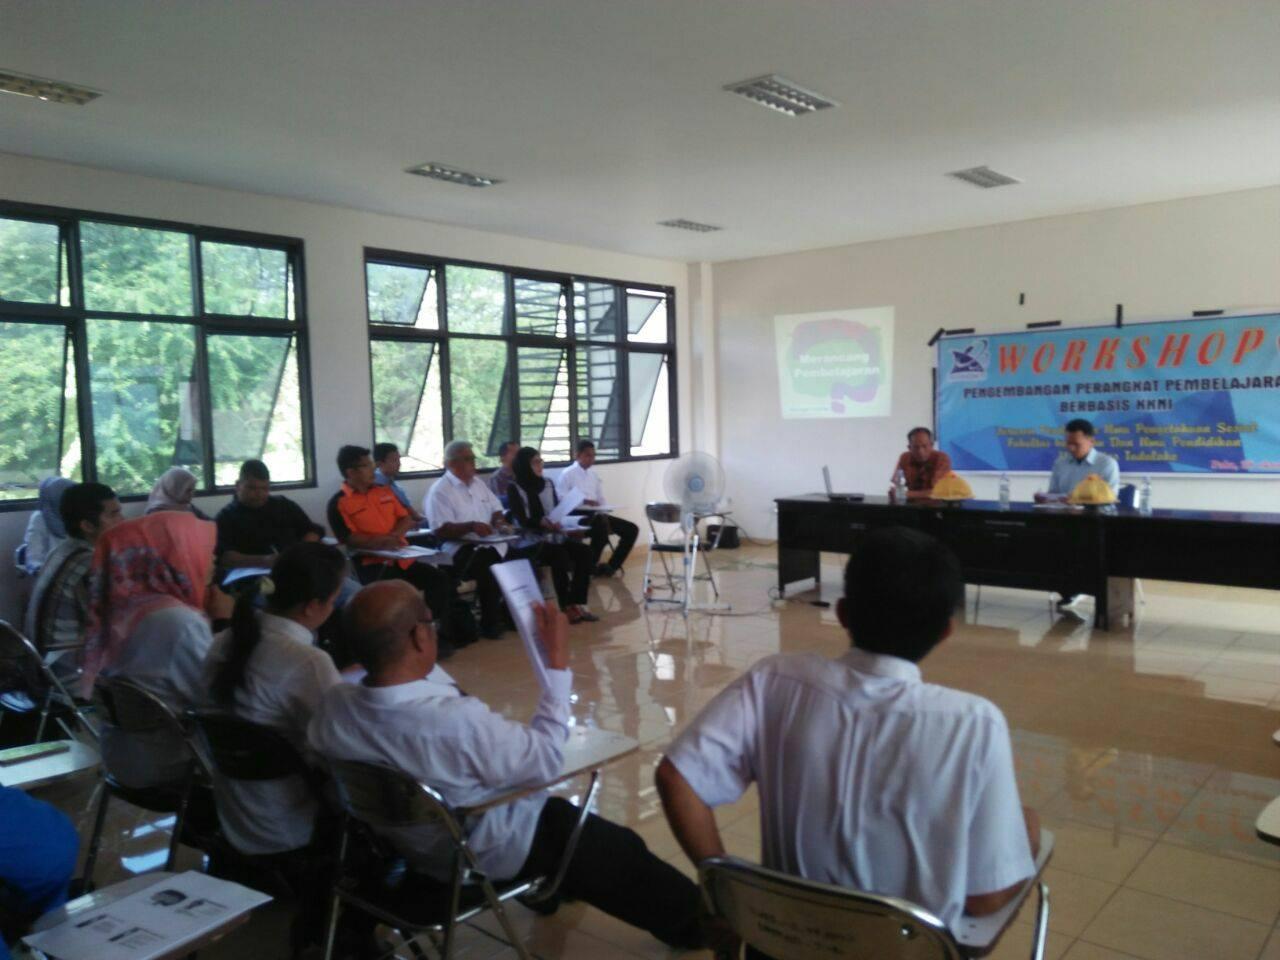 .Workshop Pengembangan Perangkat Pembelajaran Berbasis KKNI Jurusan Pendidikan IPS